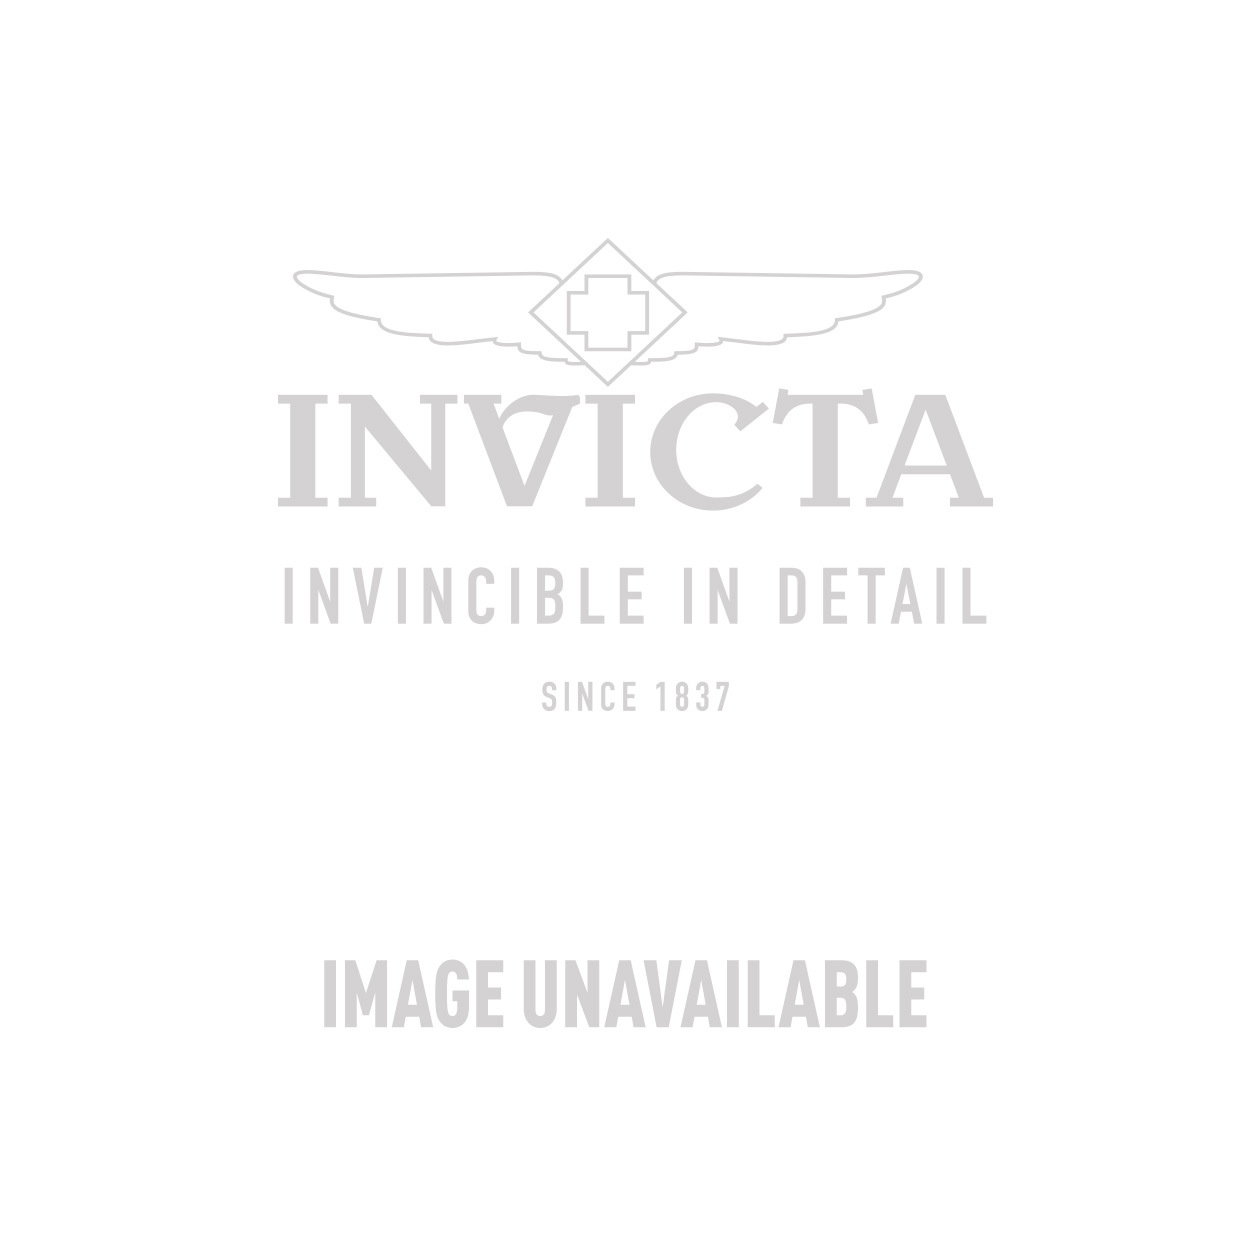 Invicta Model 27384